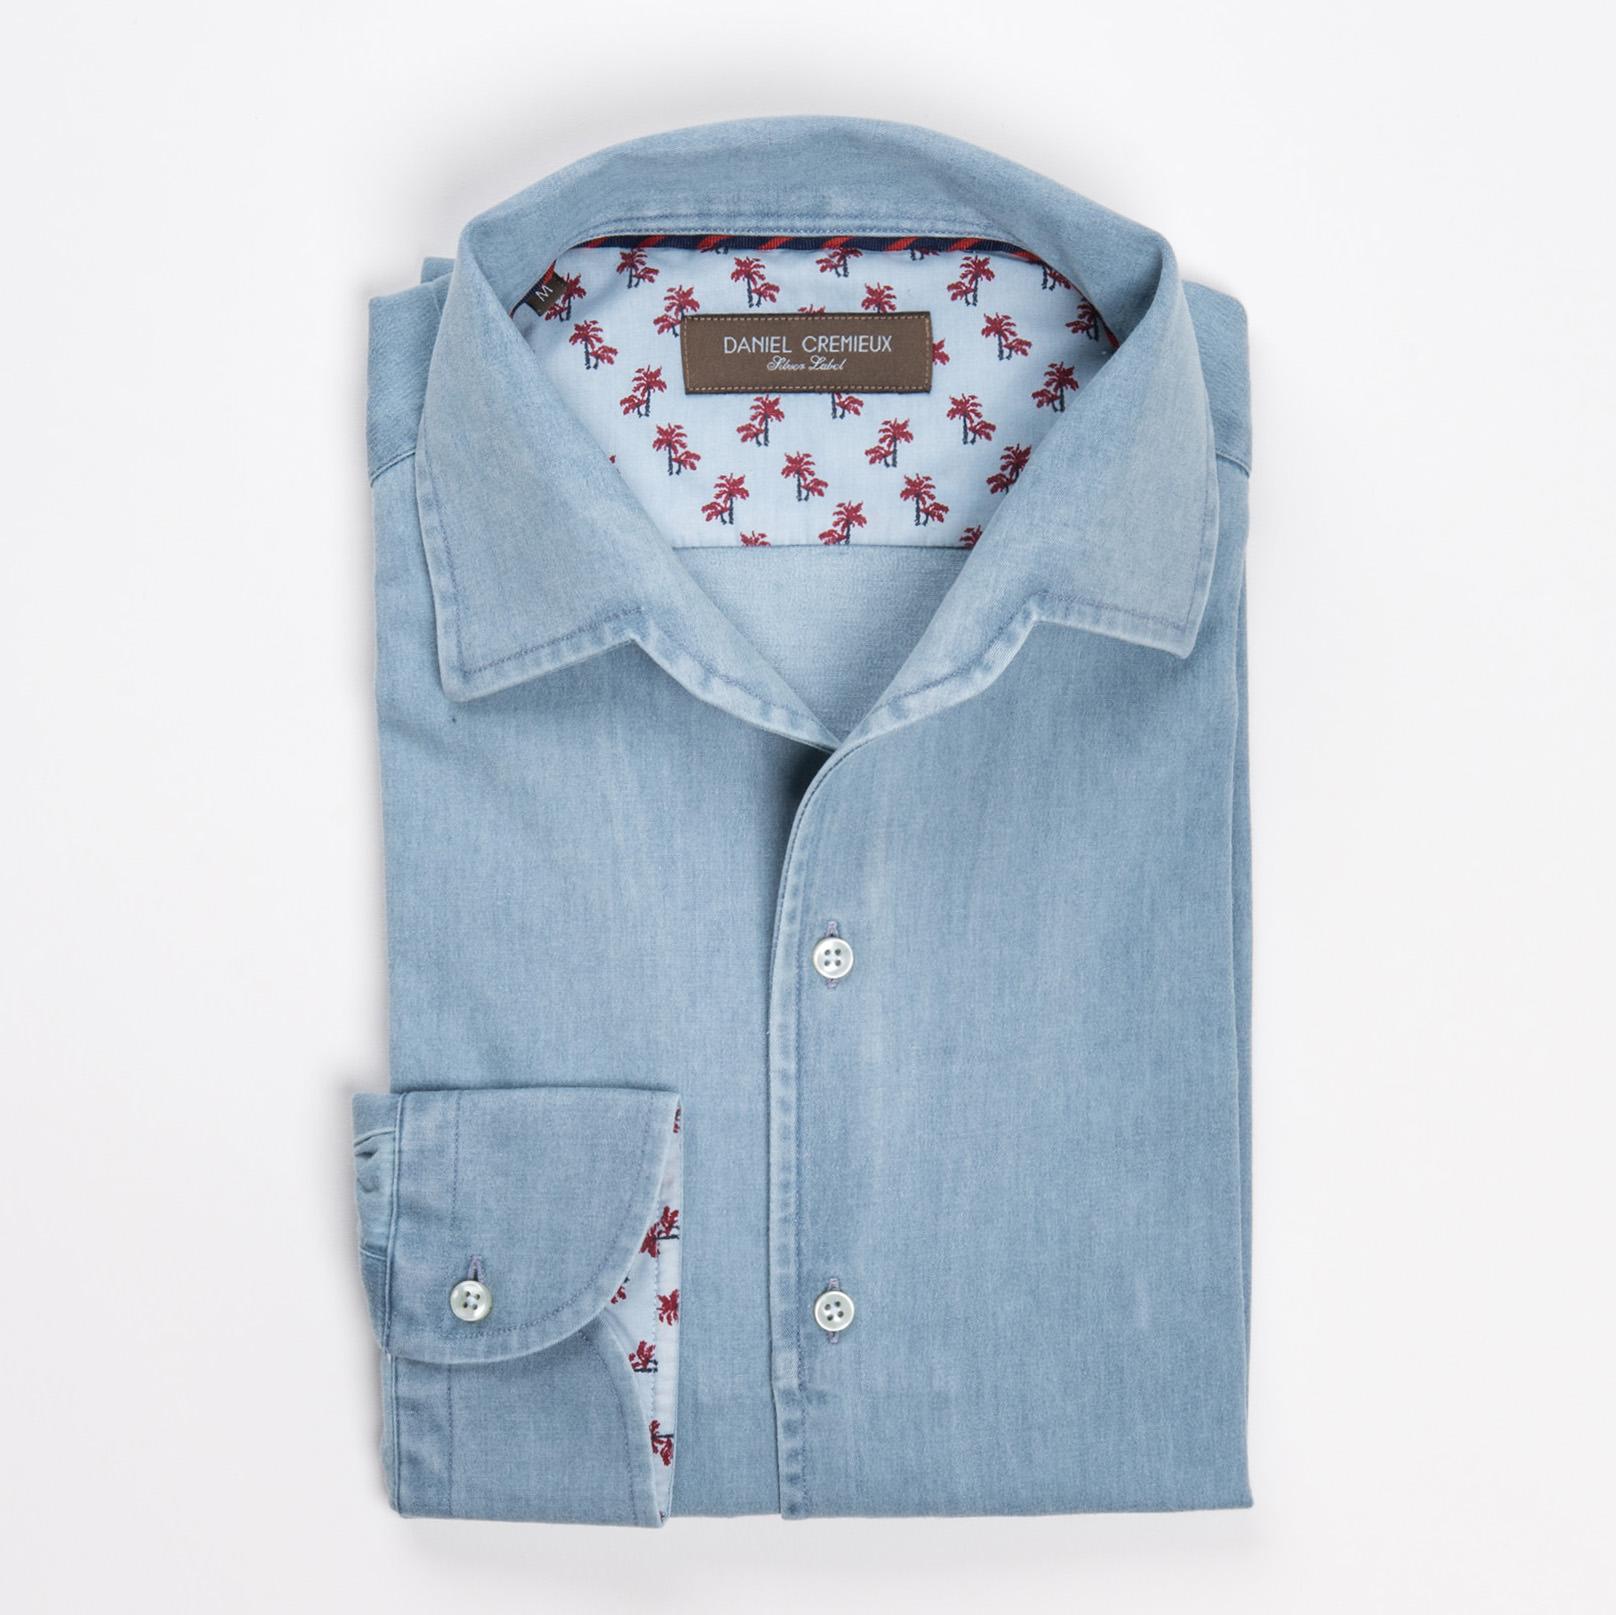 chemise newman cremieux